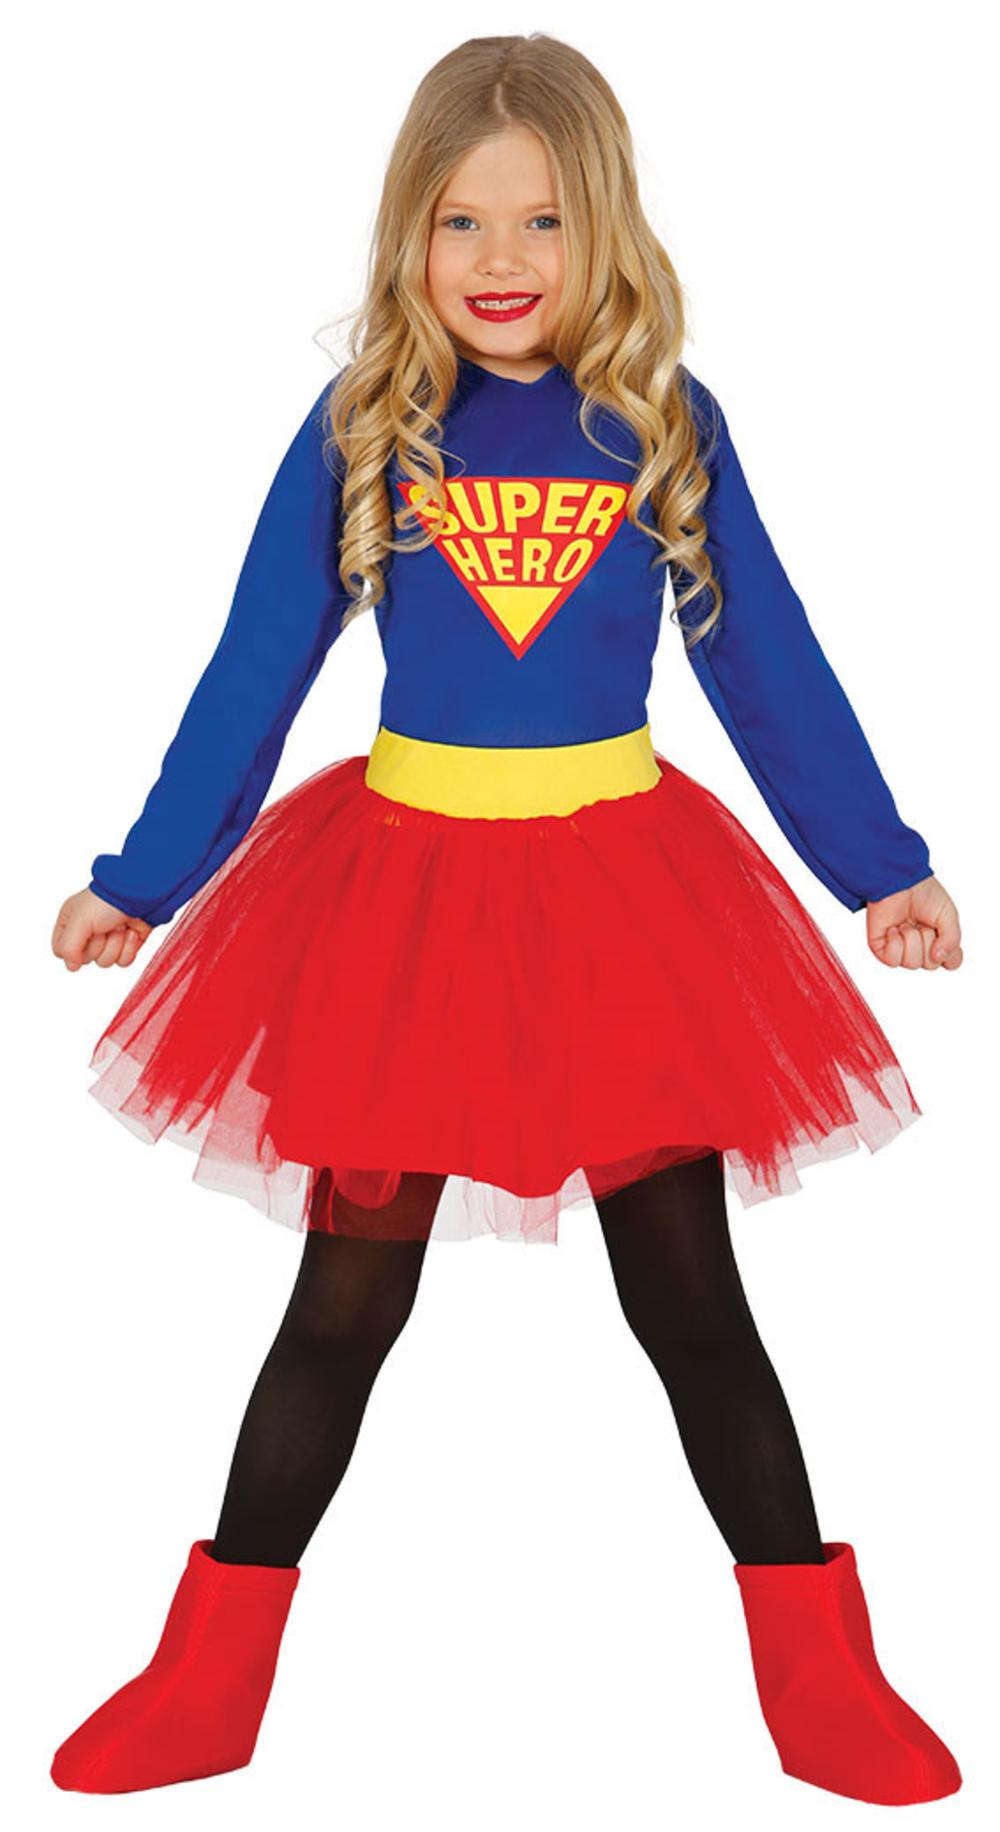 Superhero Girls Costume